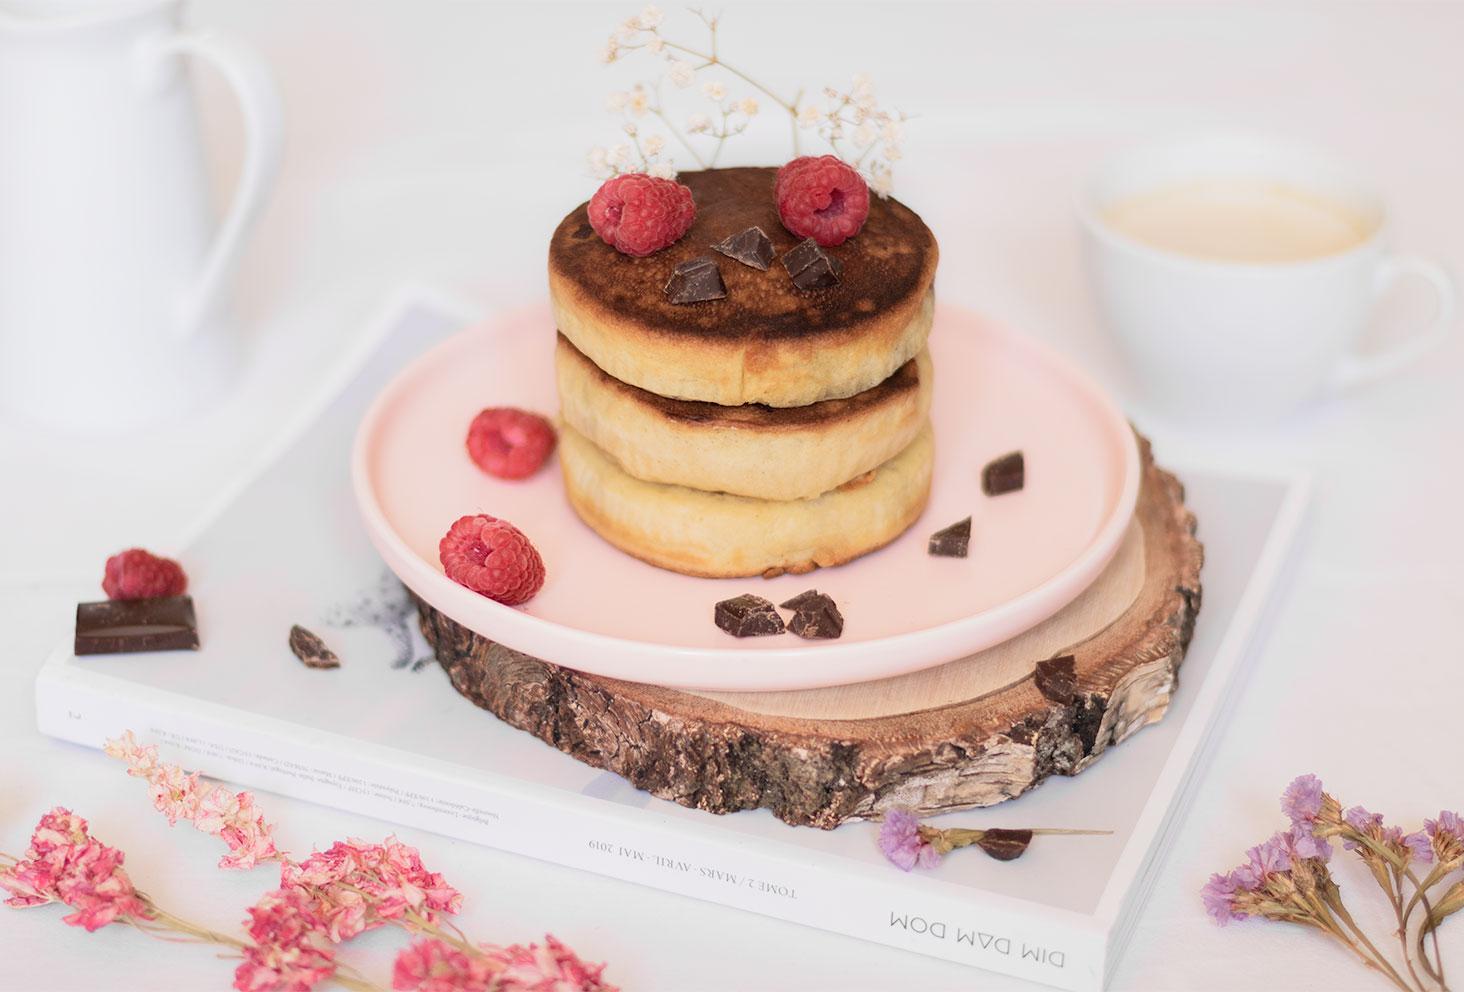 Des fluffy pancakes géant fourrés aux framboise et au chocolat noir posés dans une assiette rose avec un cappuccino